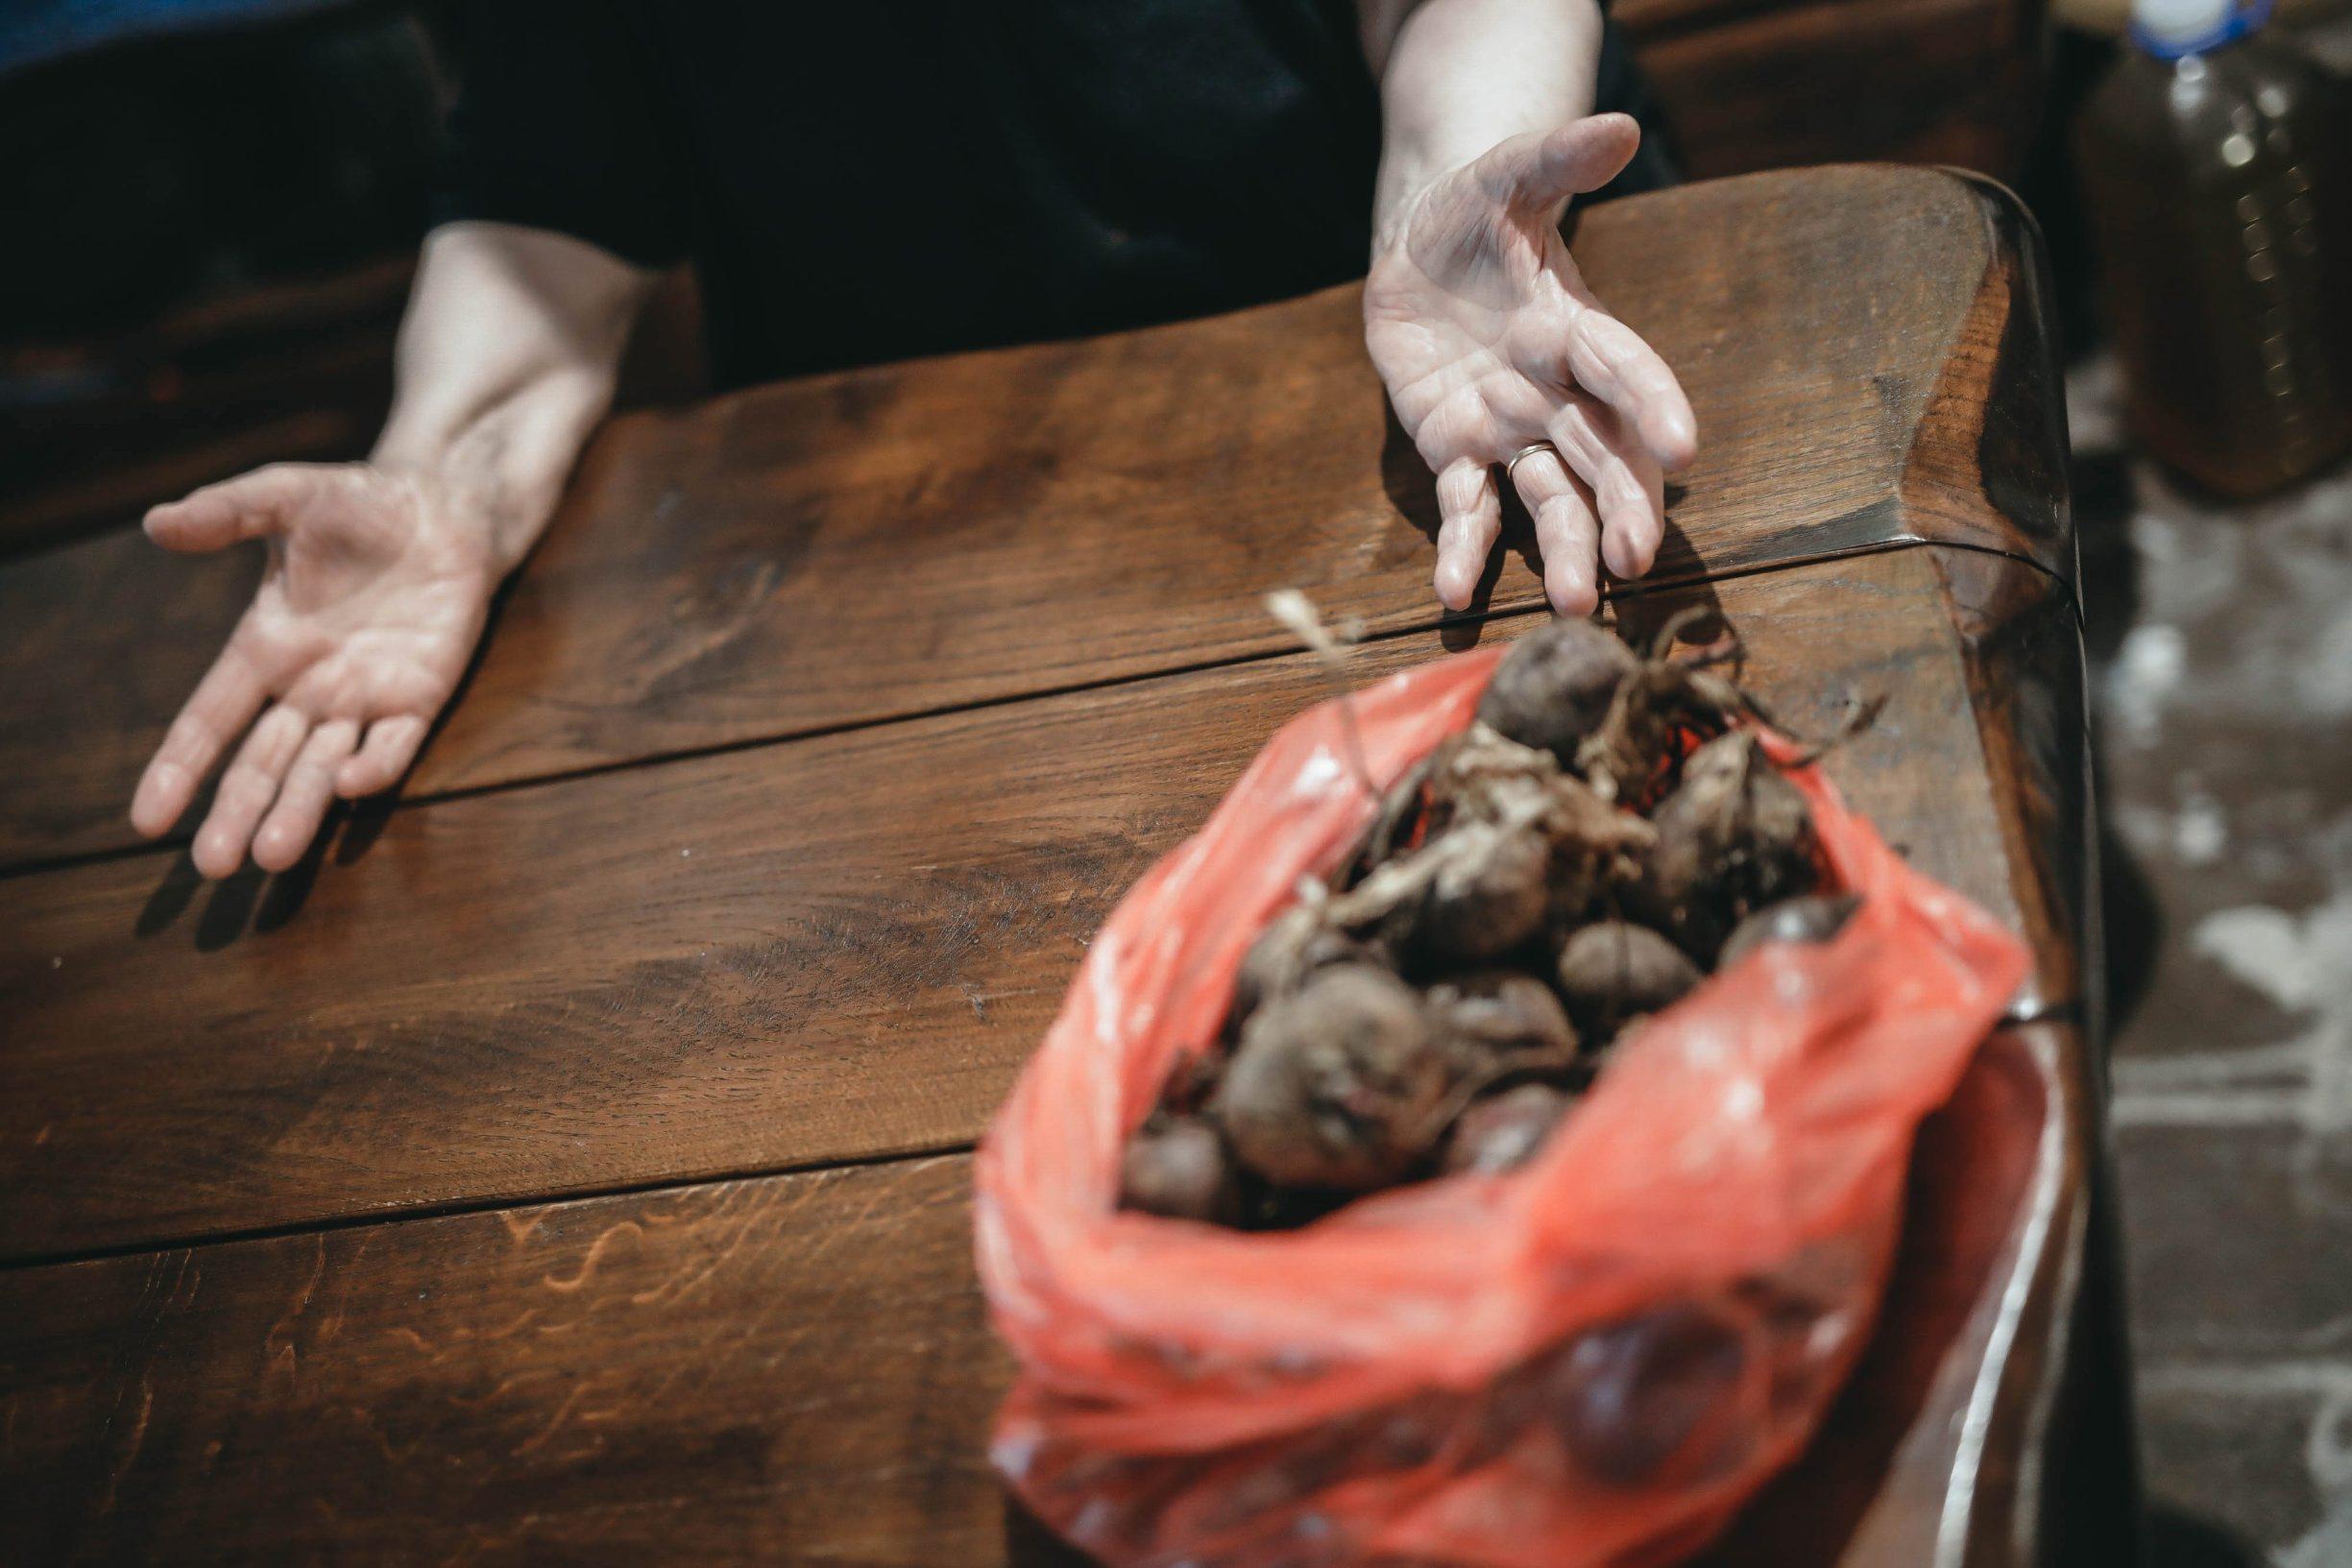 Skradin, 300719. Konoba Mate najstarija konoba u Hrvatskoj koja nije mijenjala svoj izgled od 1958 godine u kojoj se proizvodi i posluzuje samo rakija,vino,prsut,sir i masline. Na fotografiji Anka Pulic,vlasnica konobe Mate. Foto: Danijel Soldo / CROPIX